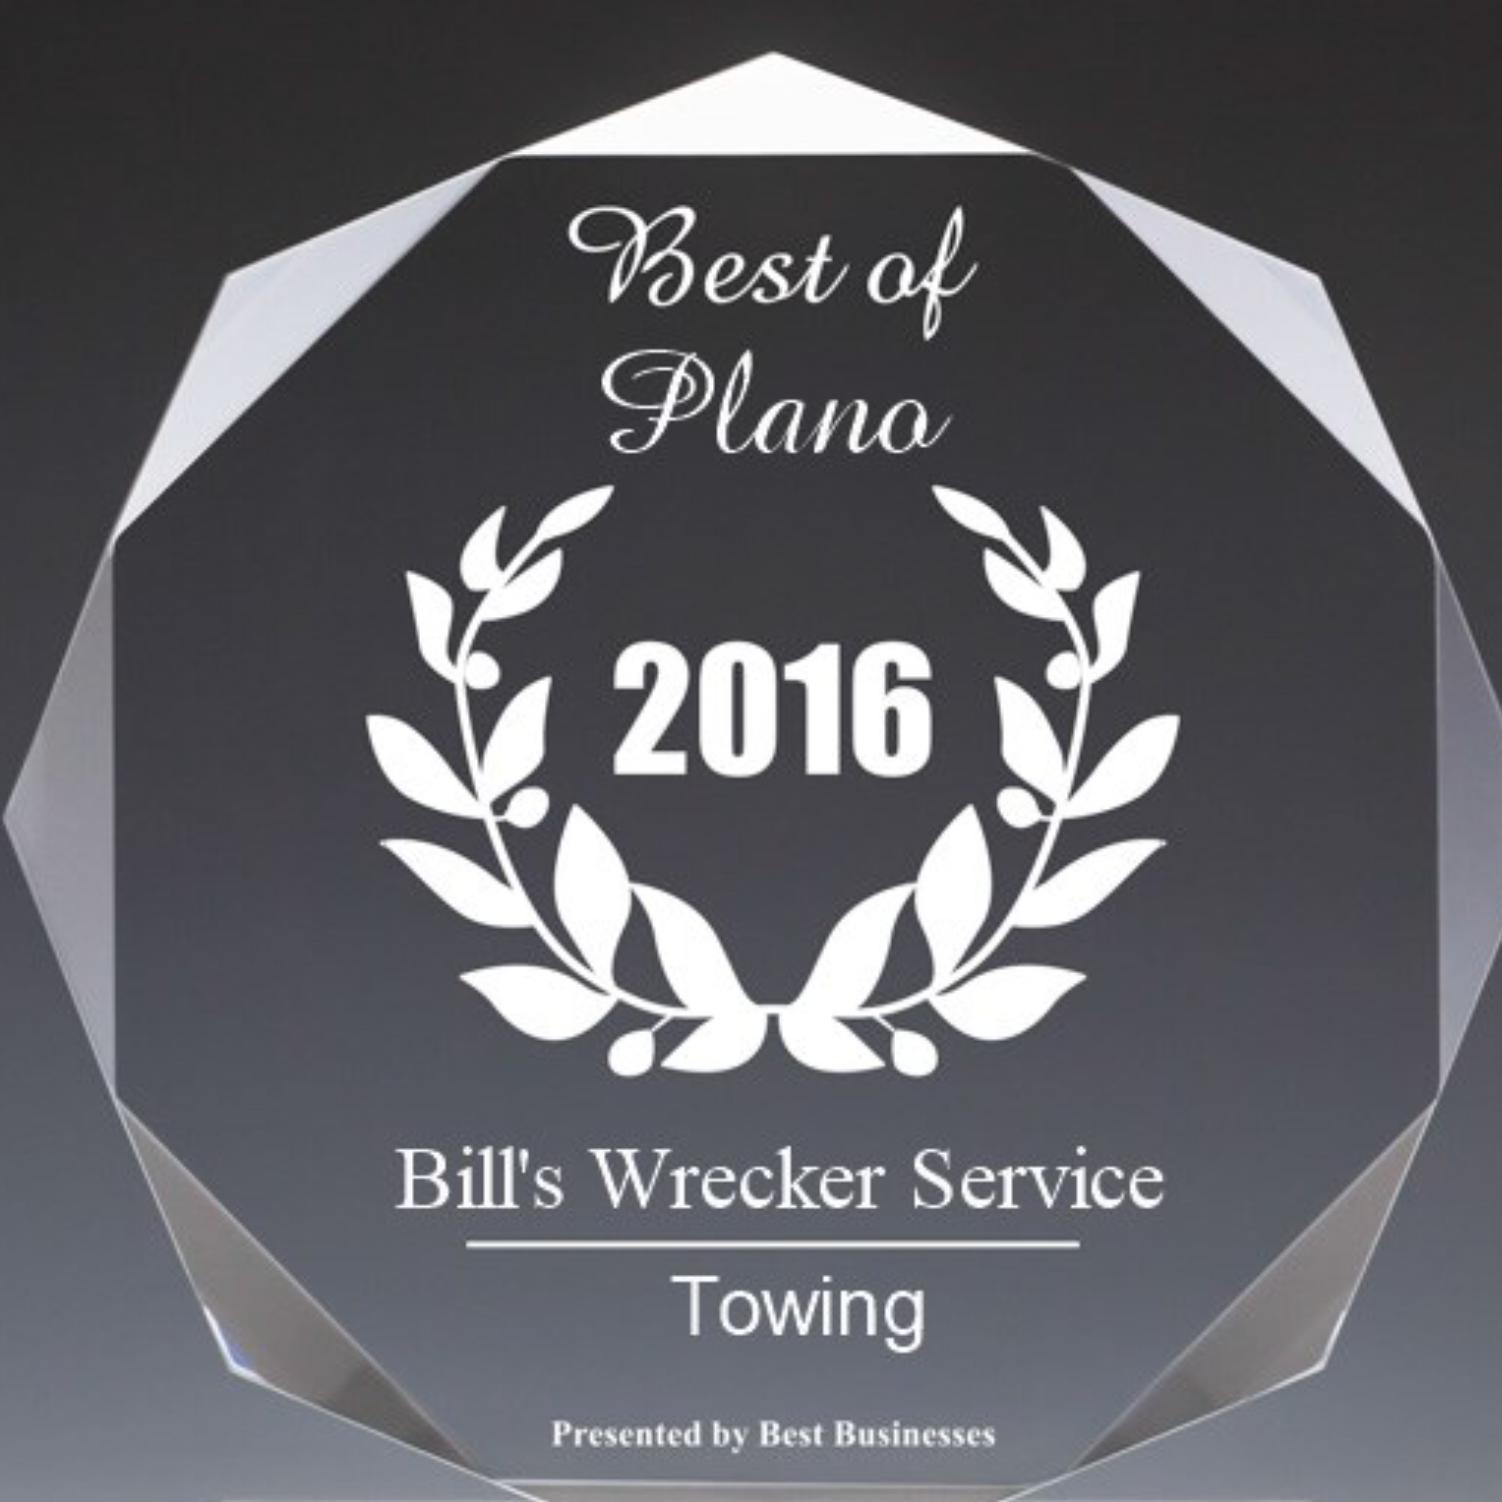 Bill's Wrecker Service